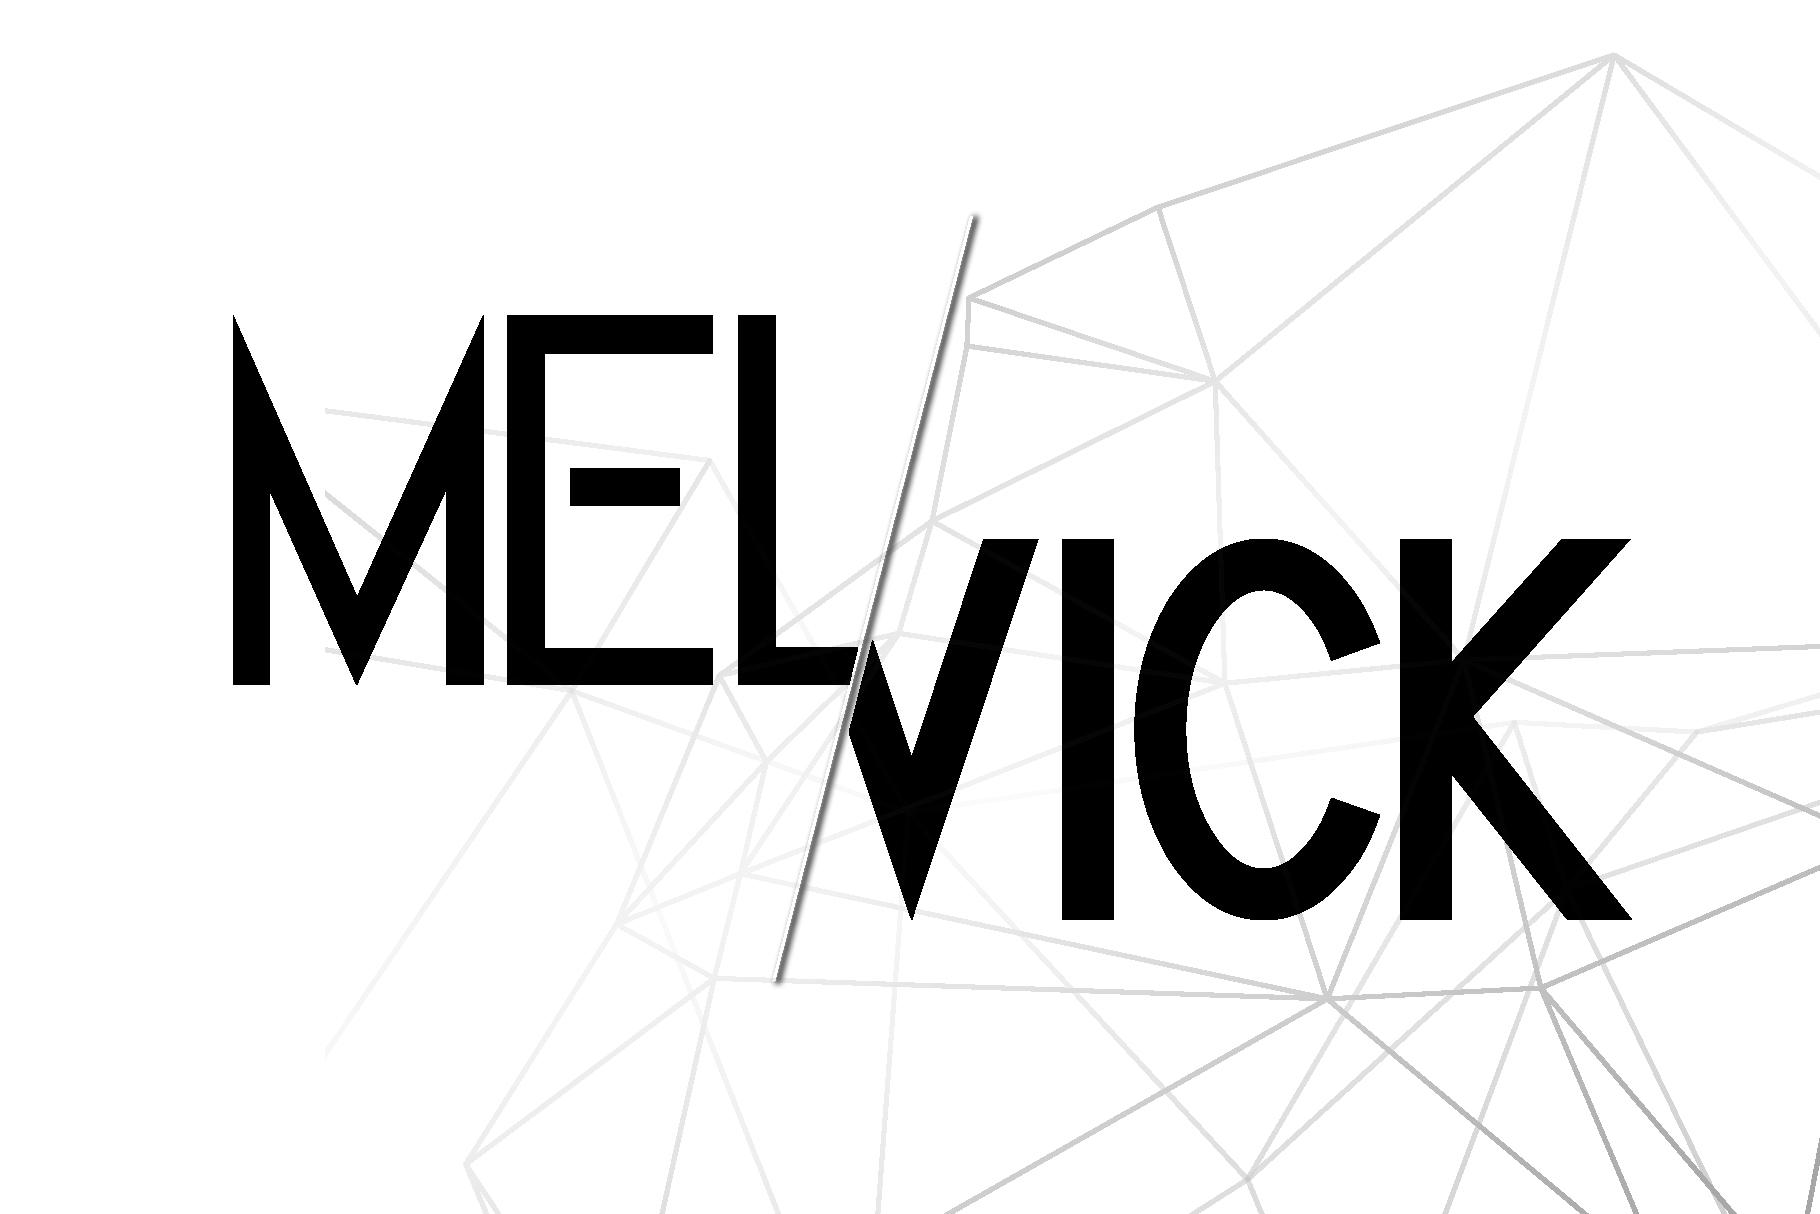 Melvick - 12 Font Family & EXTRA LOGO example image 1